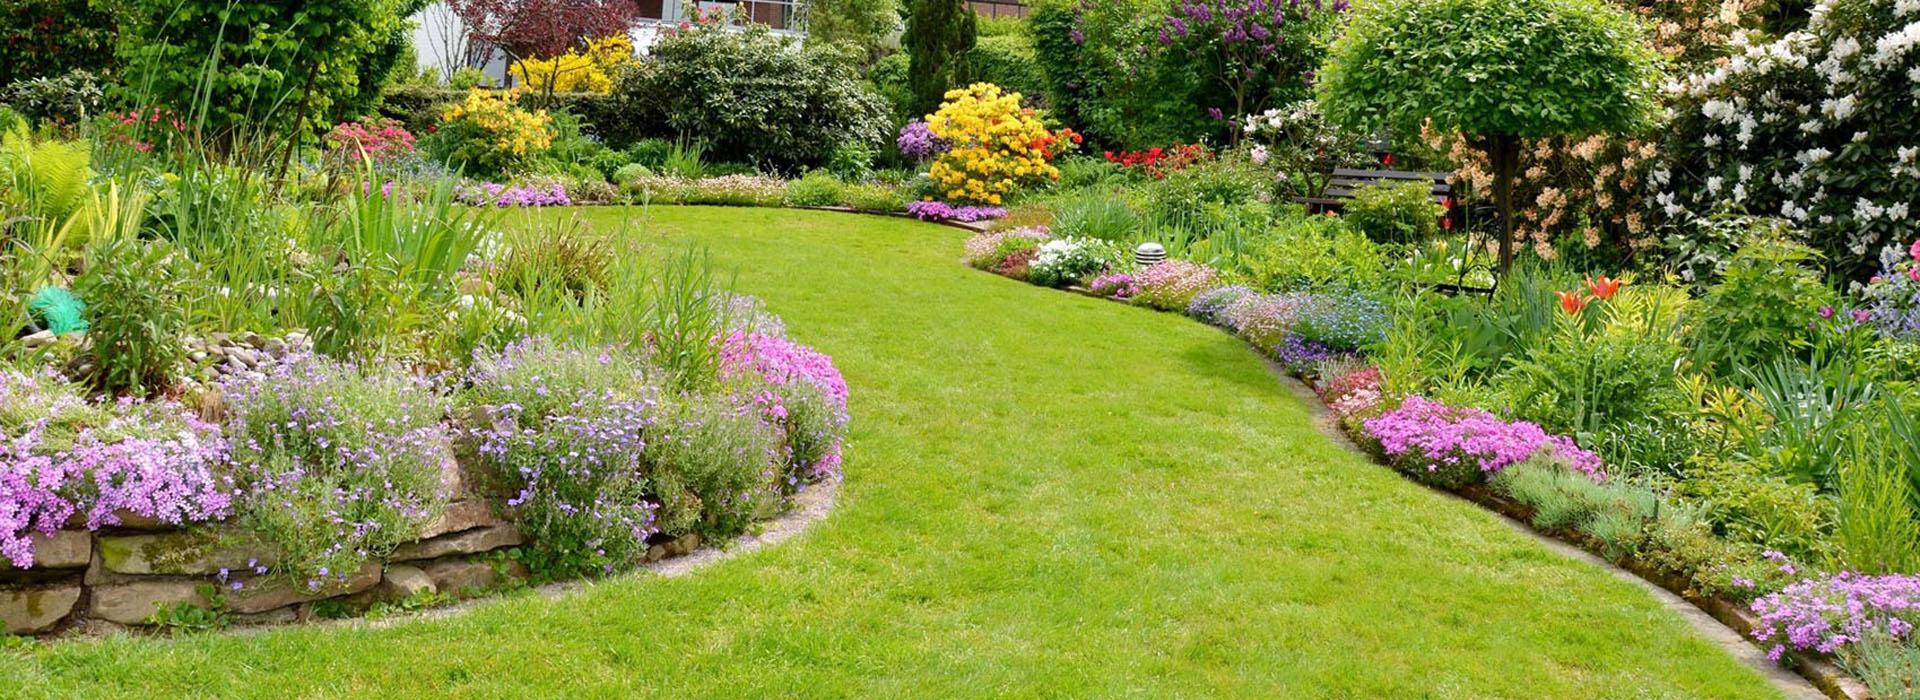 progettazione-parchi-giardini-terrazzi